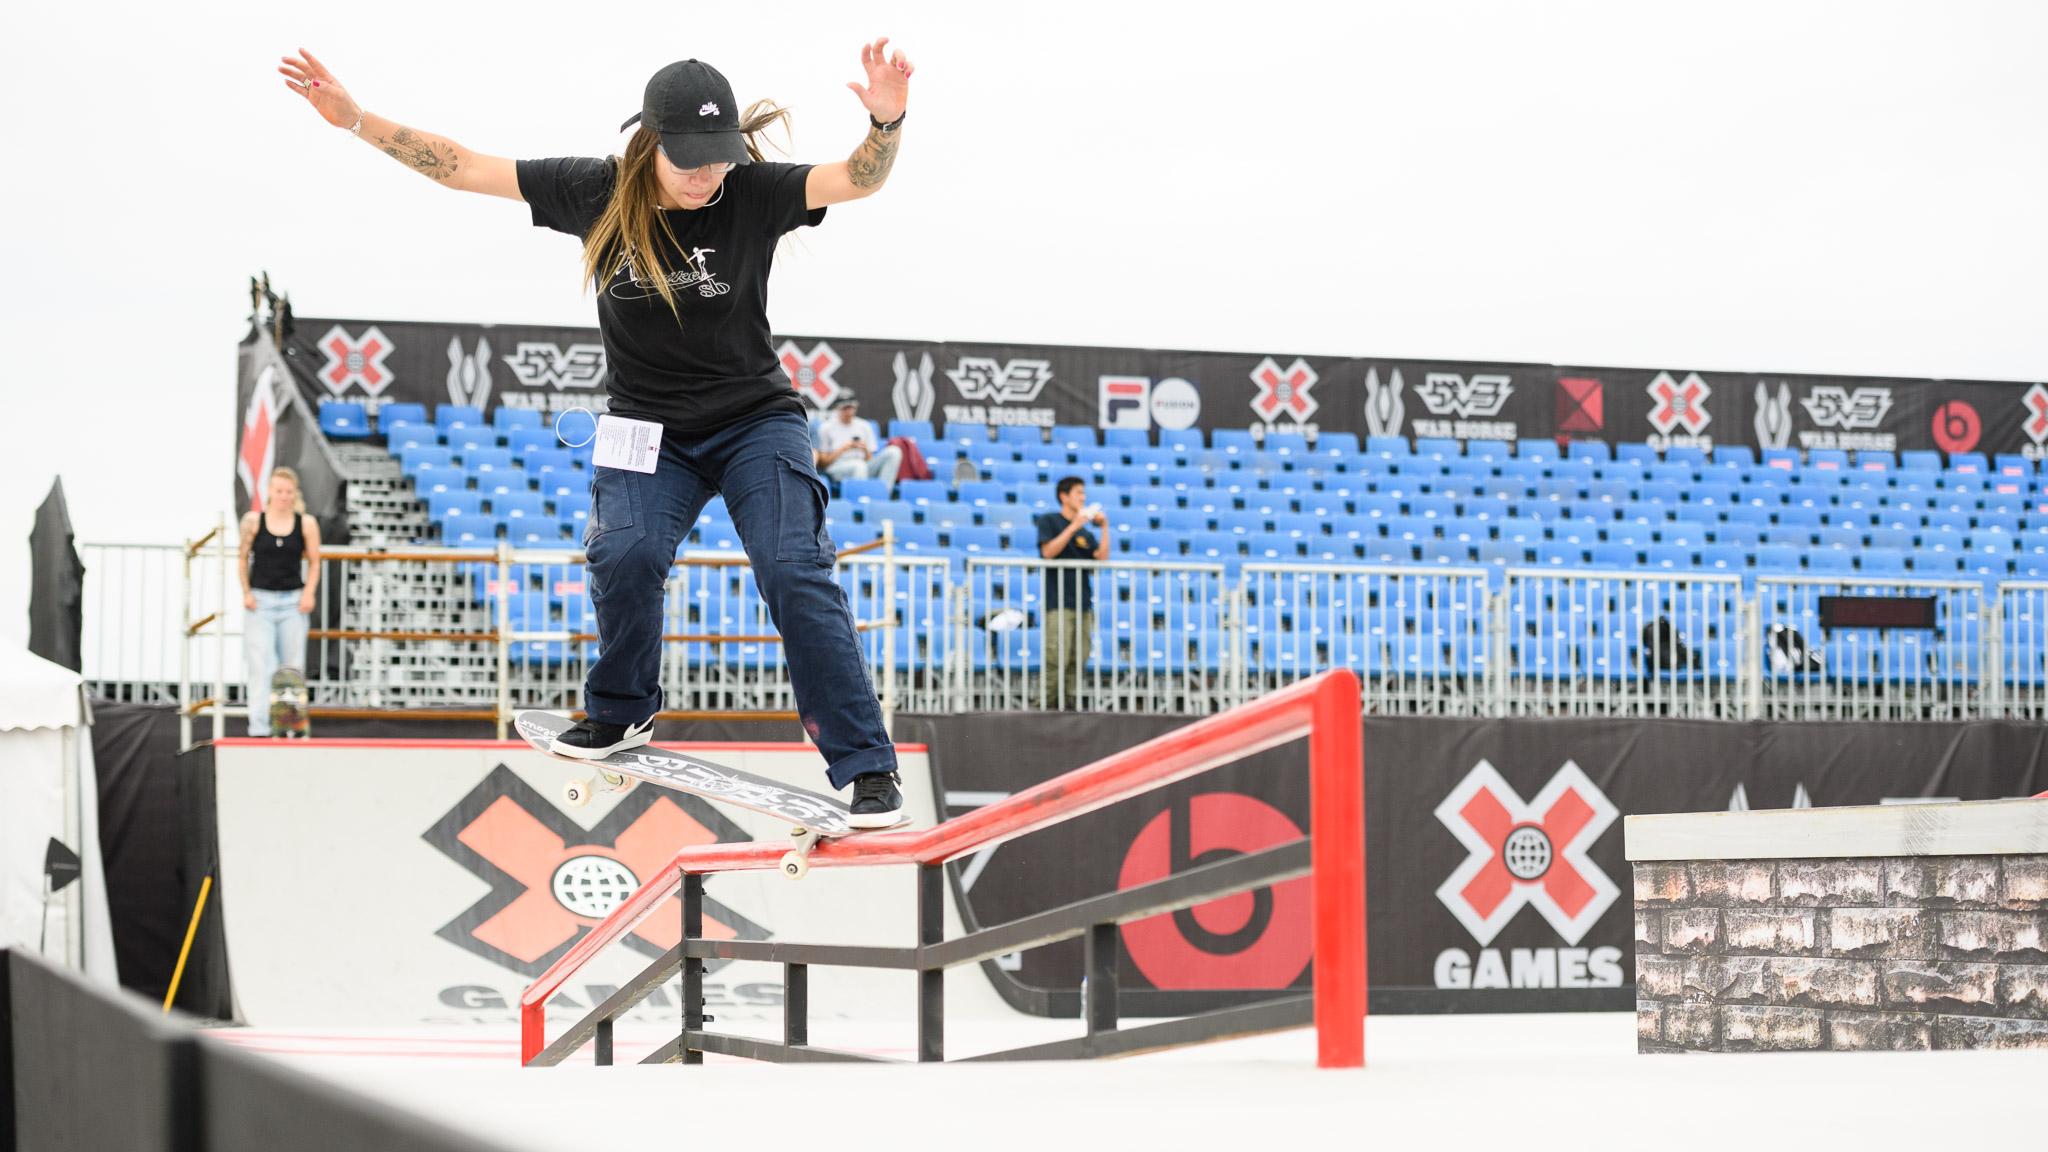 X Games Shanghai 2019: Pamela Rosa